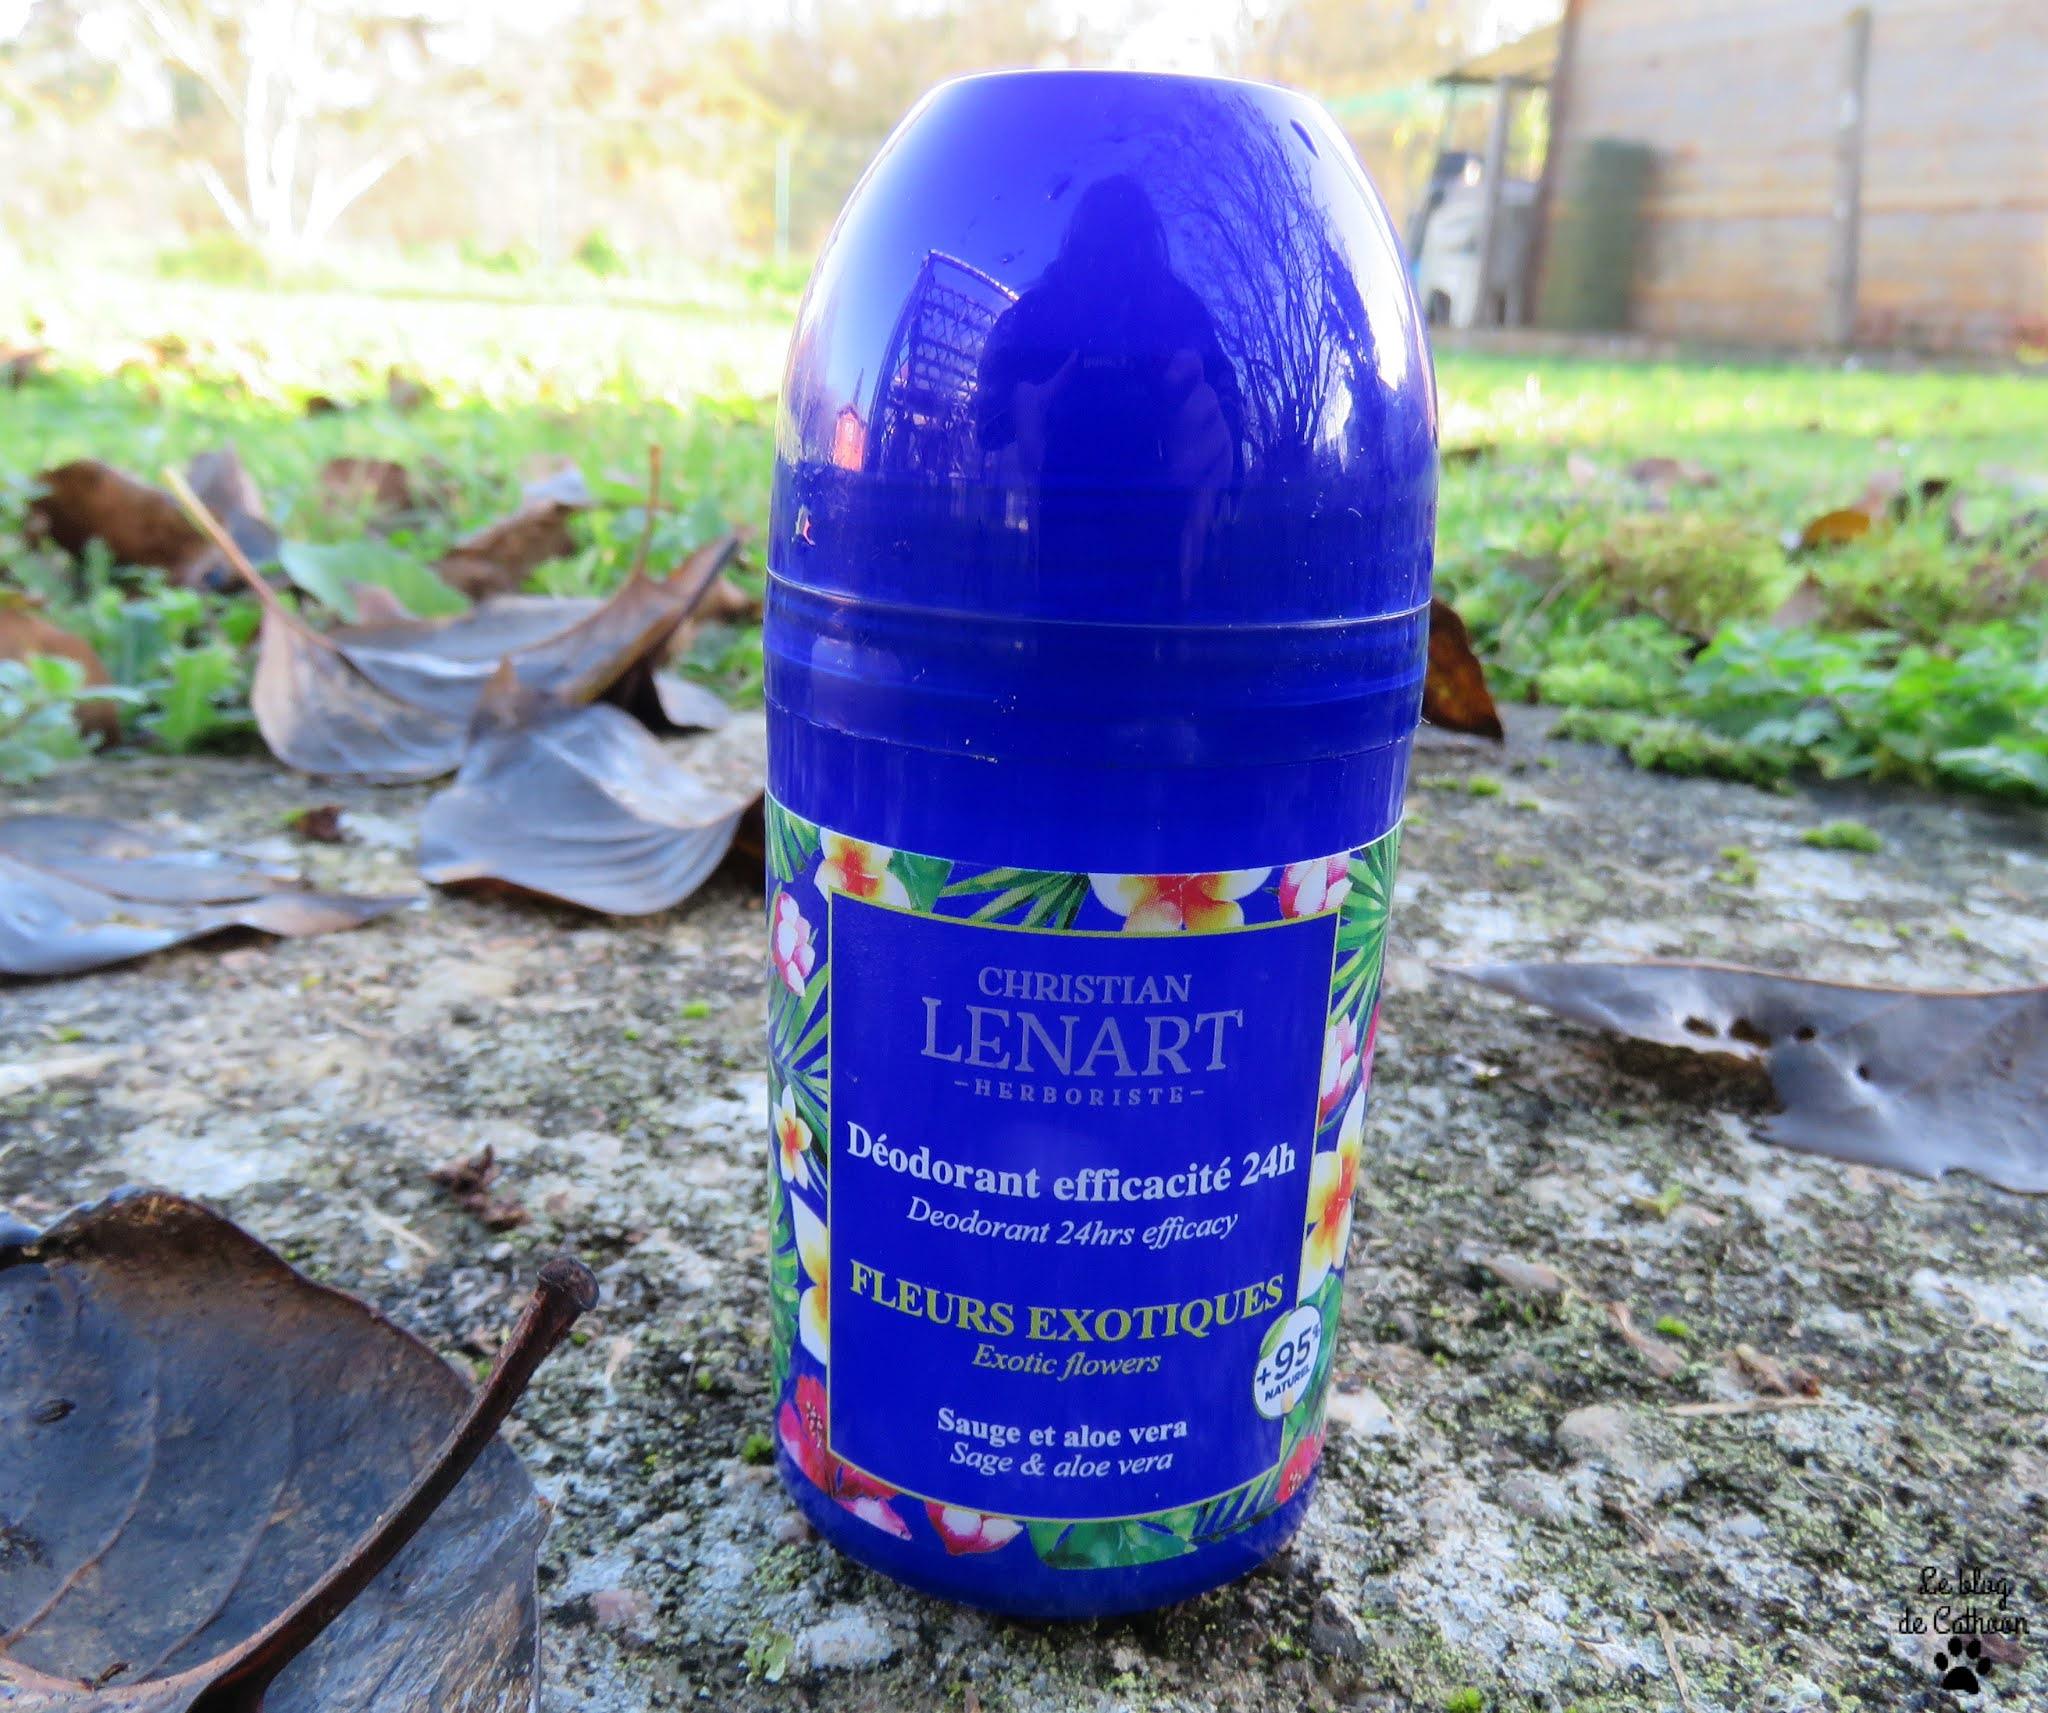 Déodorant Efficacité 24h - Fleurs Exotiques - Christian Lenart